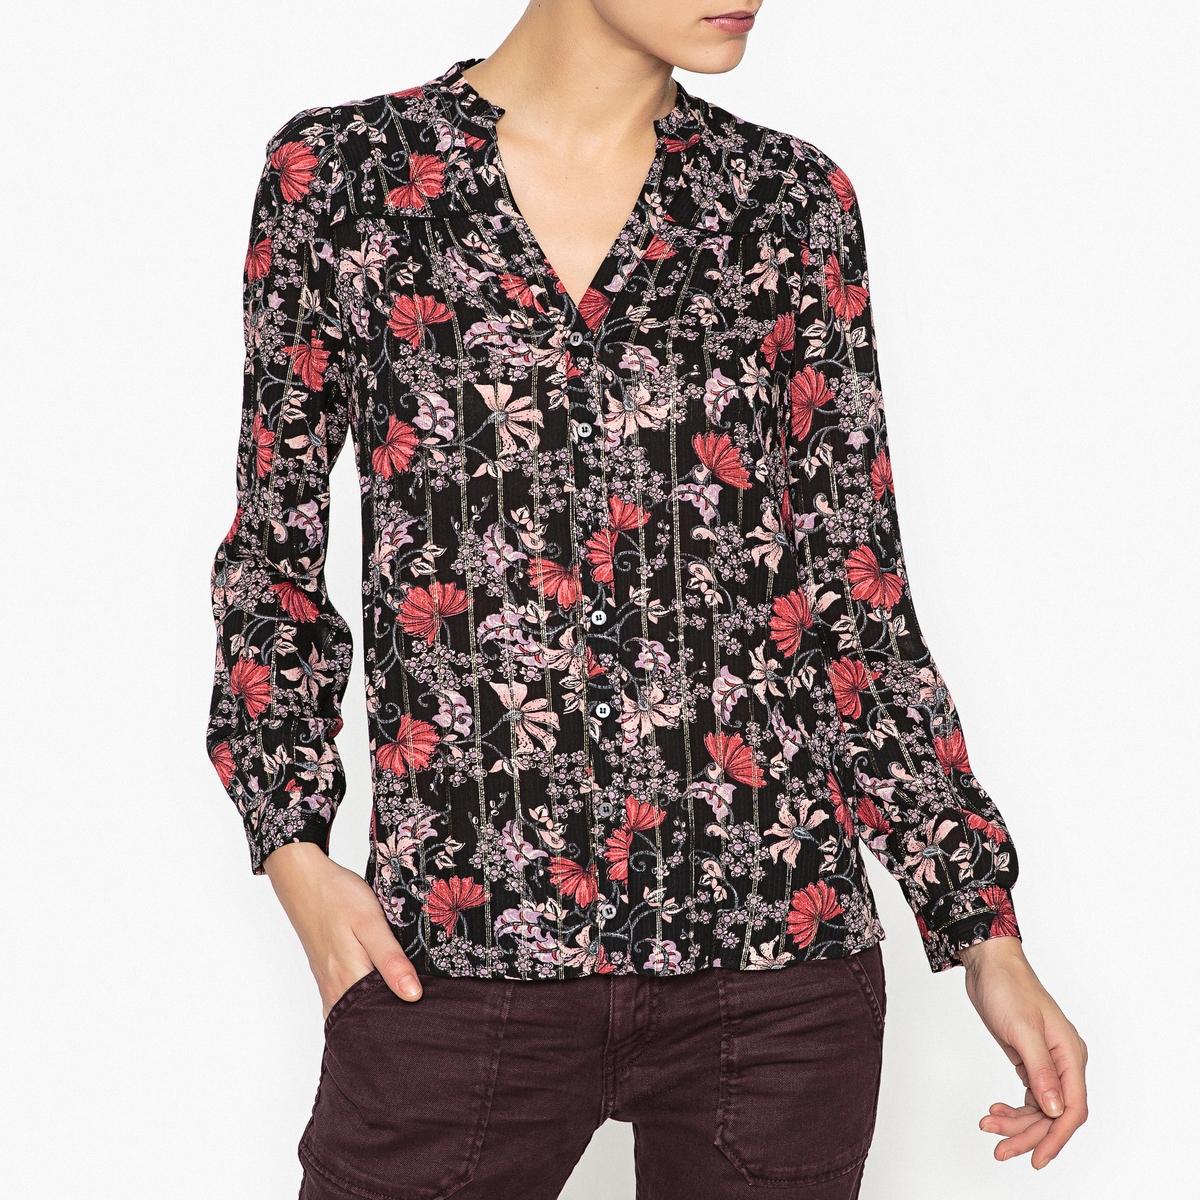 Рубашка блестящая с рисунком и длинными рукавами EDGYОписание:Блестящая рубашка с рисунком BA&amp;SH - модель EDGY с окантовкой.Детали  •  Длинные рукава •  Прямой покрой •  Воротник-поло, рубашечный •  Рисунок-принт Состав и уход  •  98% вискозы, 2% металлизированных волокон •  Следуйте рекомендациям по уходу, указанным на этикетке изделия •  Сборки на плечах •  V-образный вырез со складками сзади •  Застежка на пуговицы спереди, манжеты на пуговицах<br><br>Цвет: красный,черный